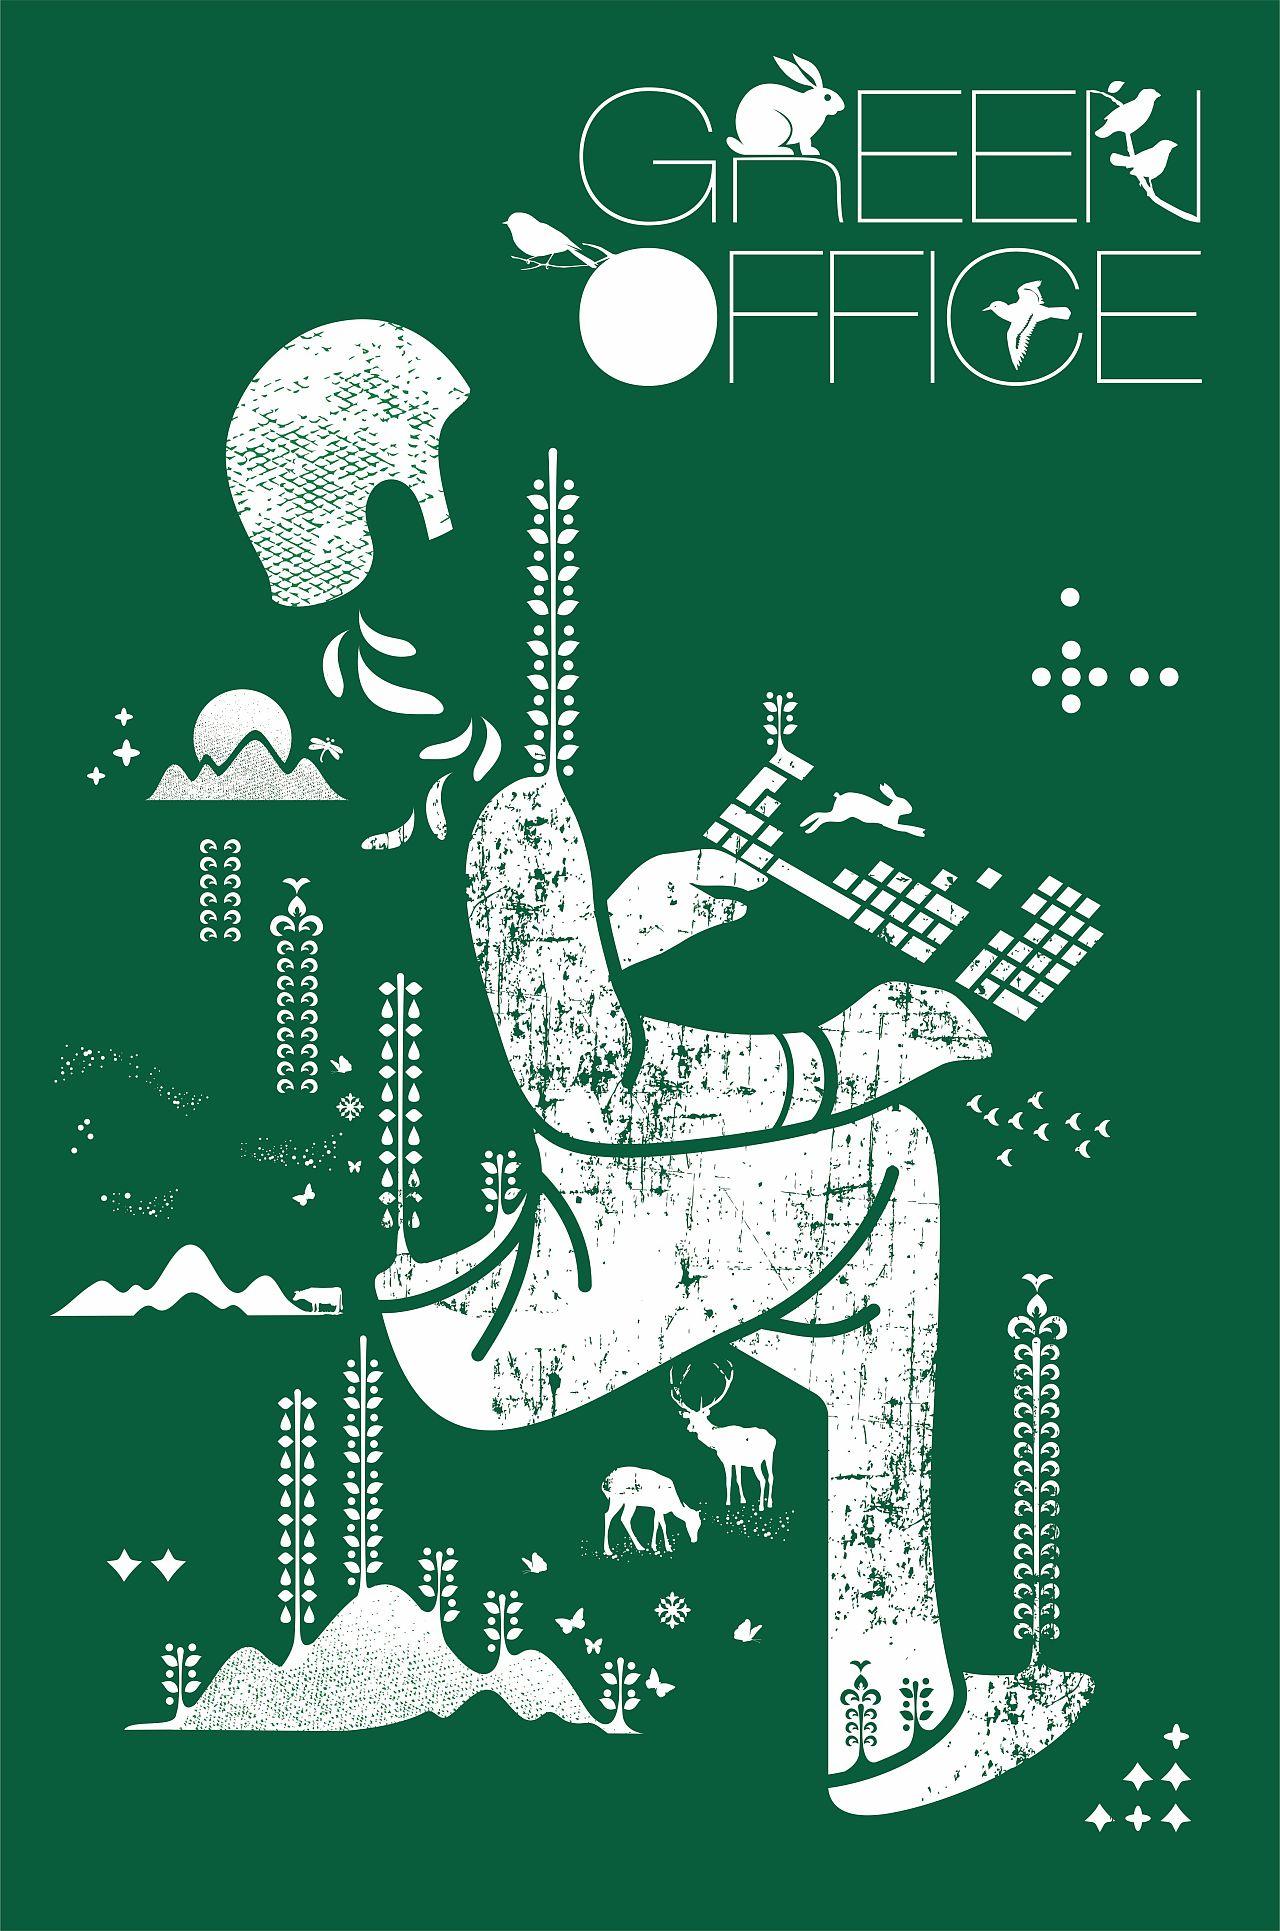 世界自然基金会标志_世界自然基金会《绿色办公室》海报设计 森林里 平面 海报 志宏 ...